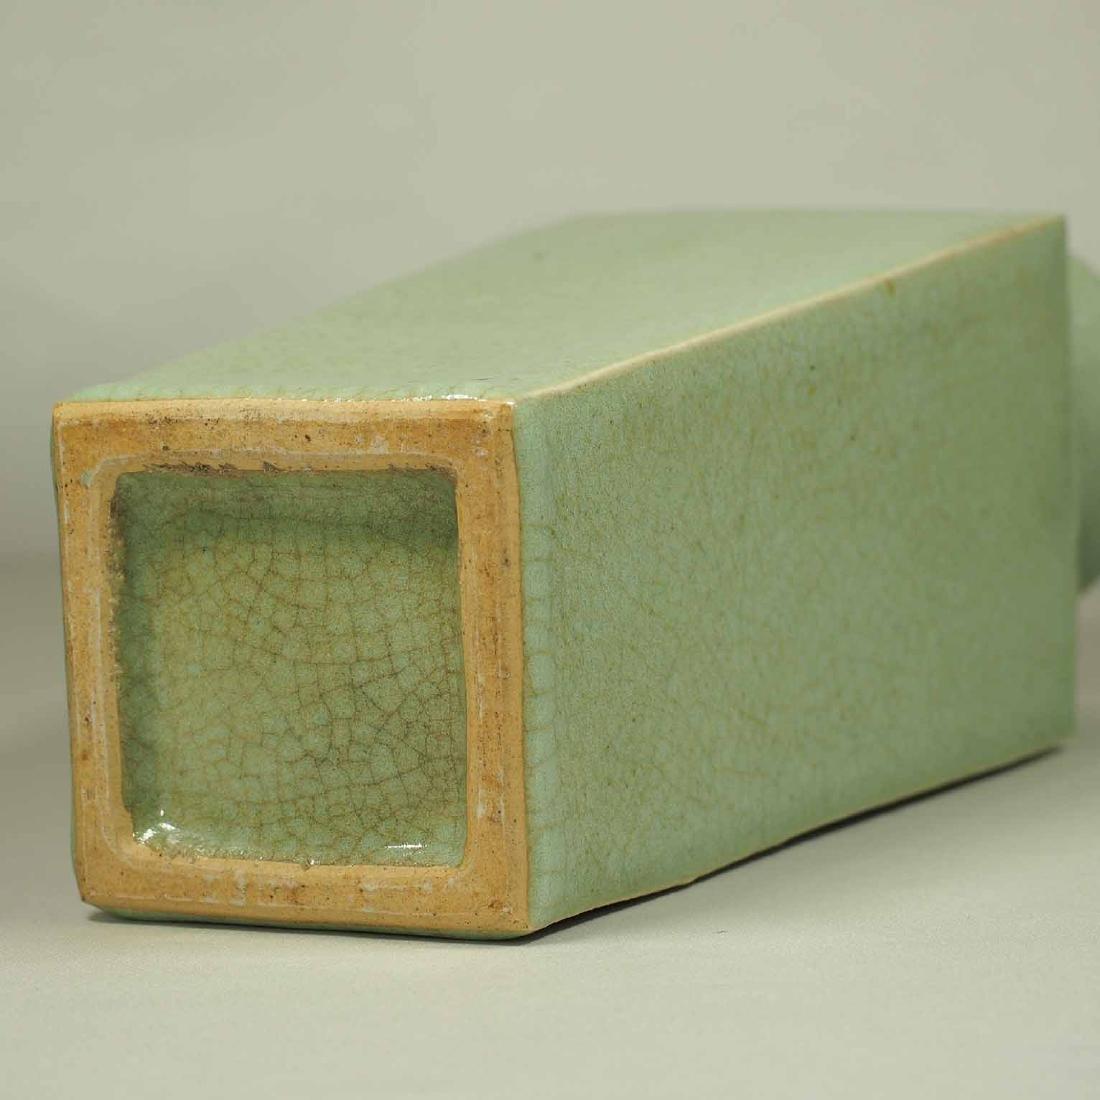 Celadon Square Crackled Vase, Ming Dynasty - 7